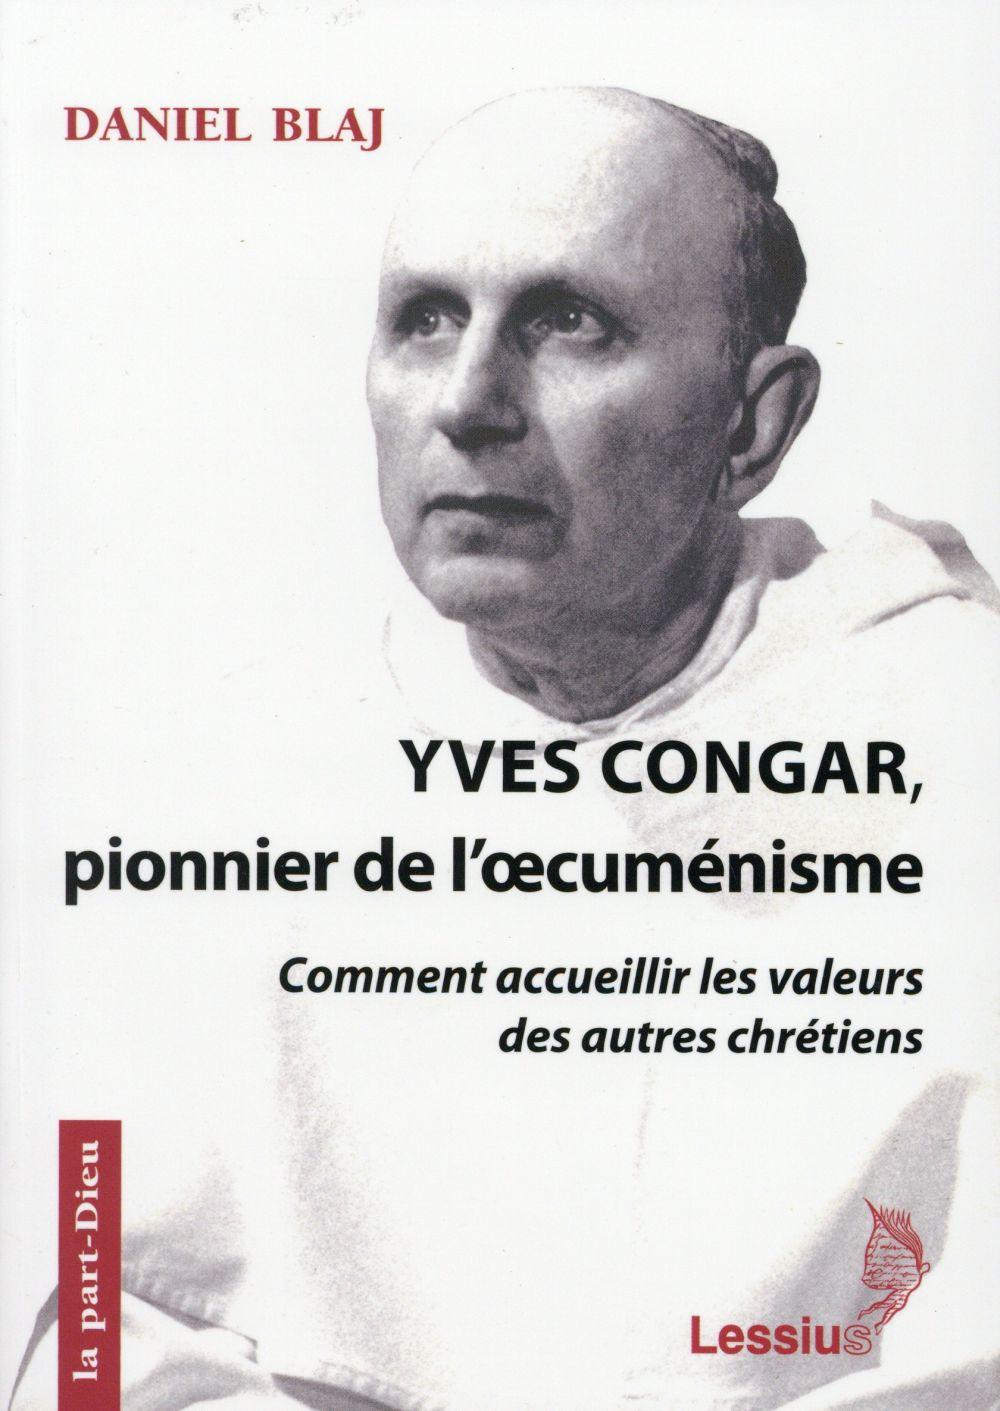 YVES CONGAR, PIONNIER DE L'OECUMENISME - COMMENT ACCUEILLIR LES VALEURS DES AUTRES CHETIENS